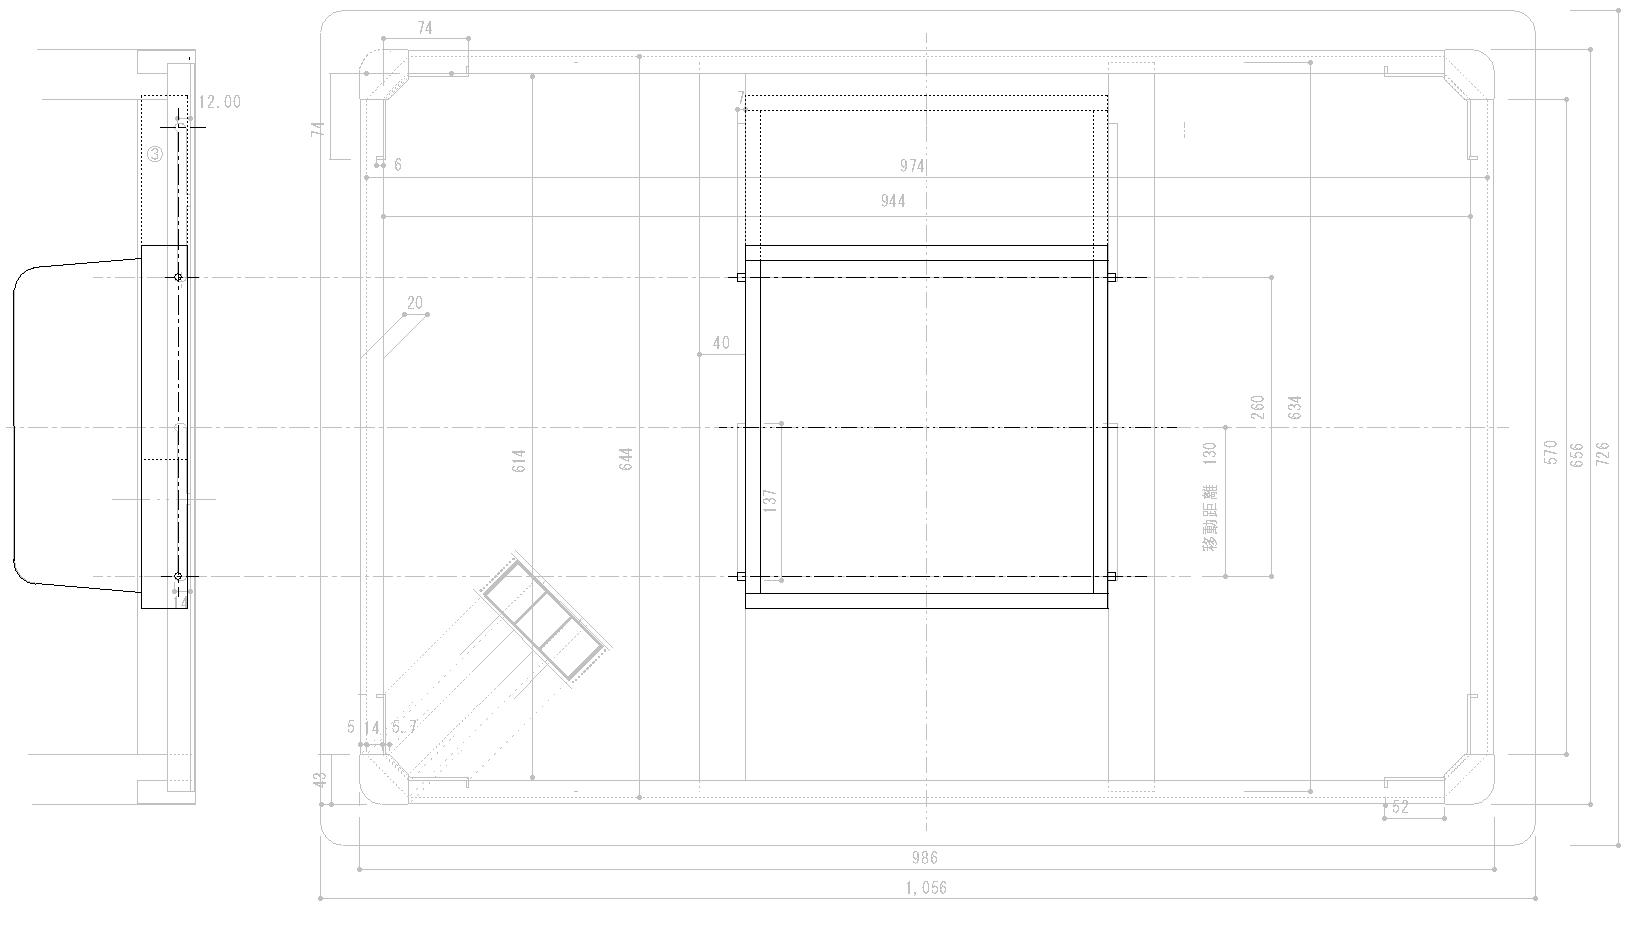 変更後のこたつ設計図(平面・側面)